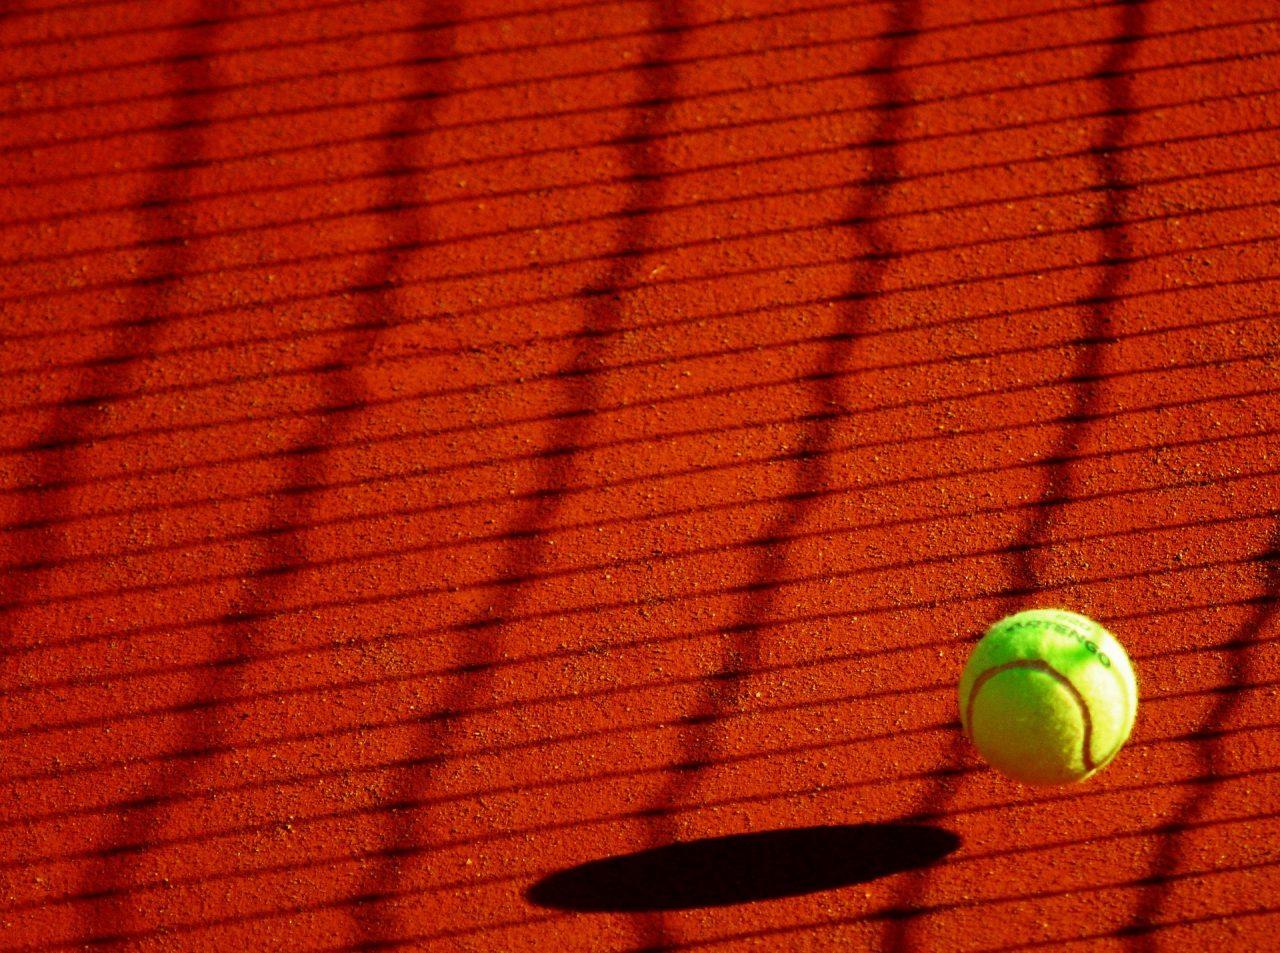 tennis-178696_1920-1280x953.jpg